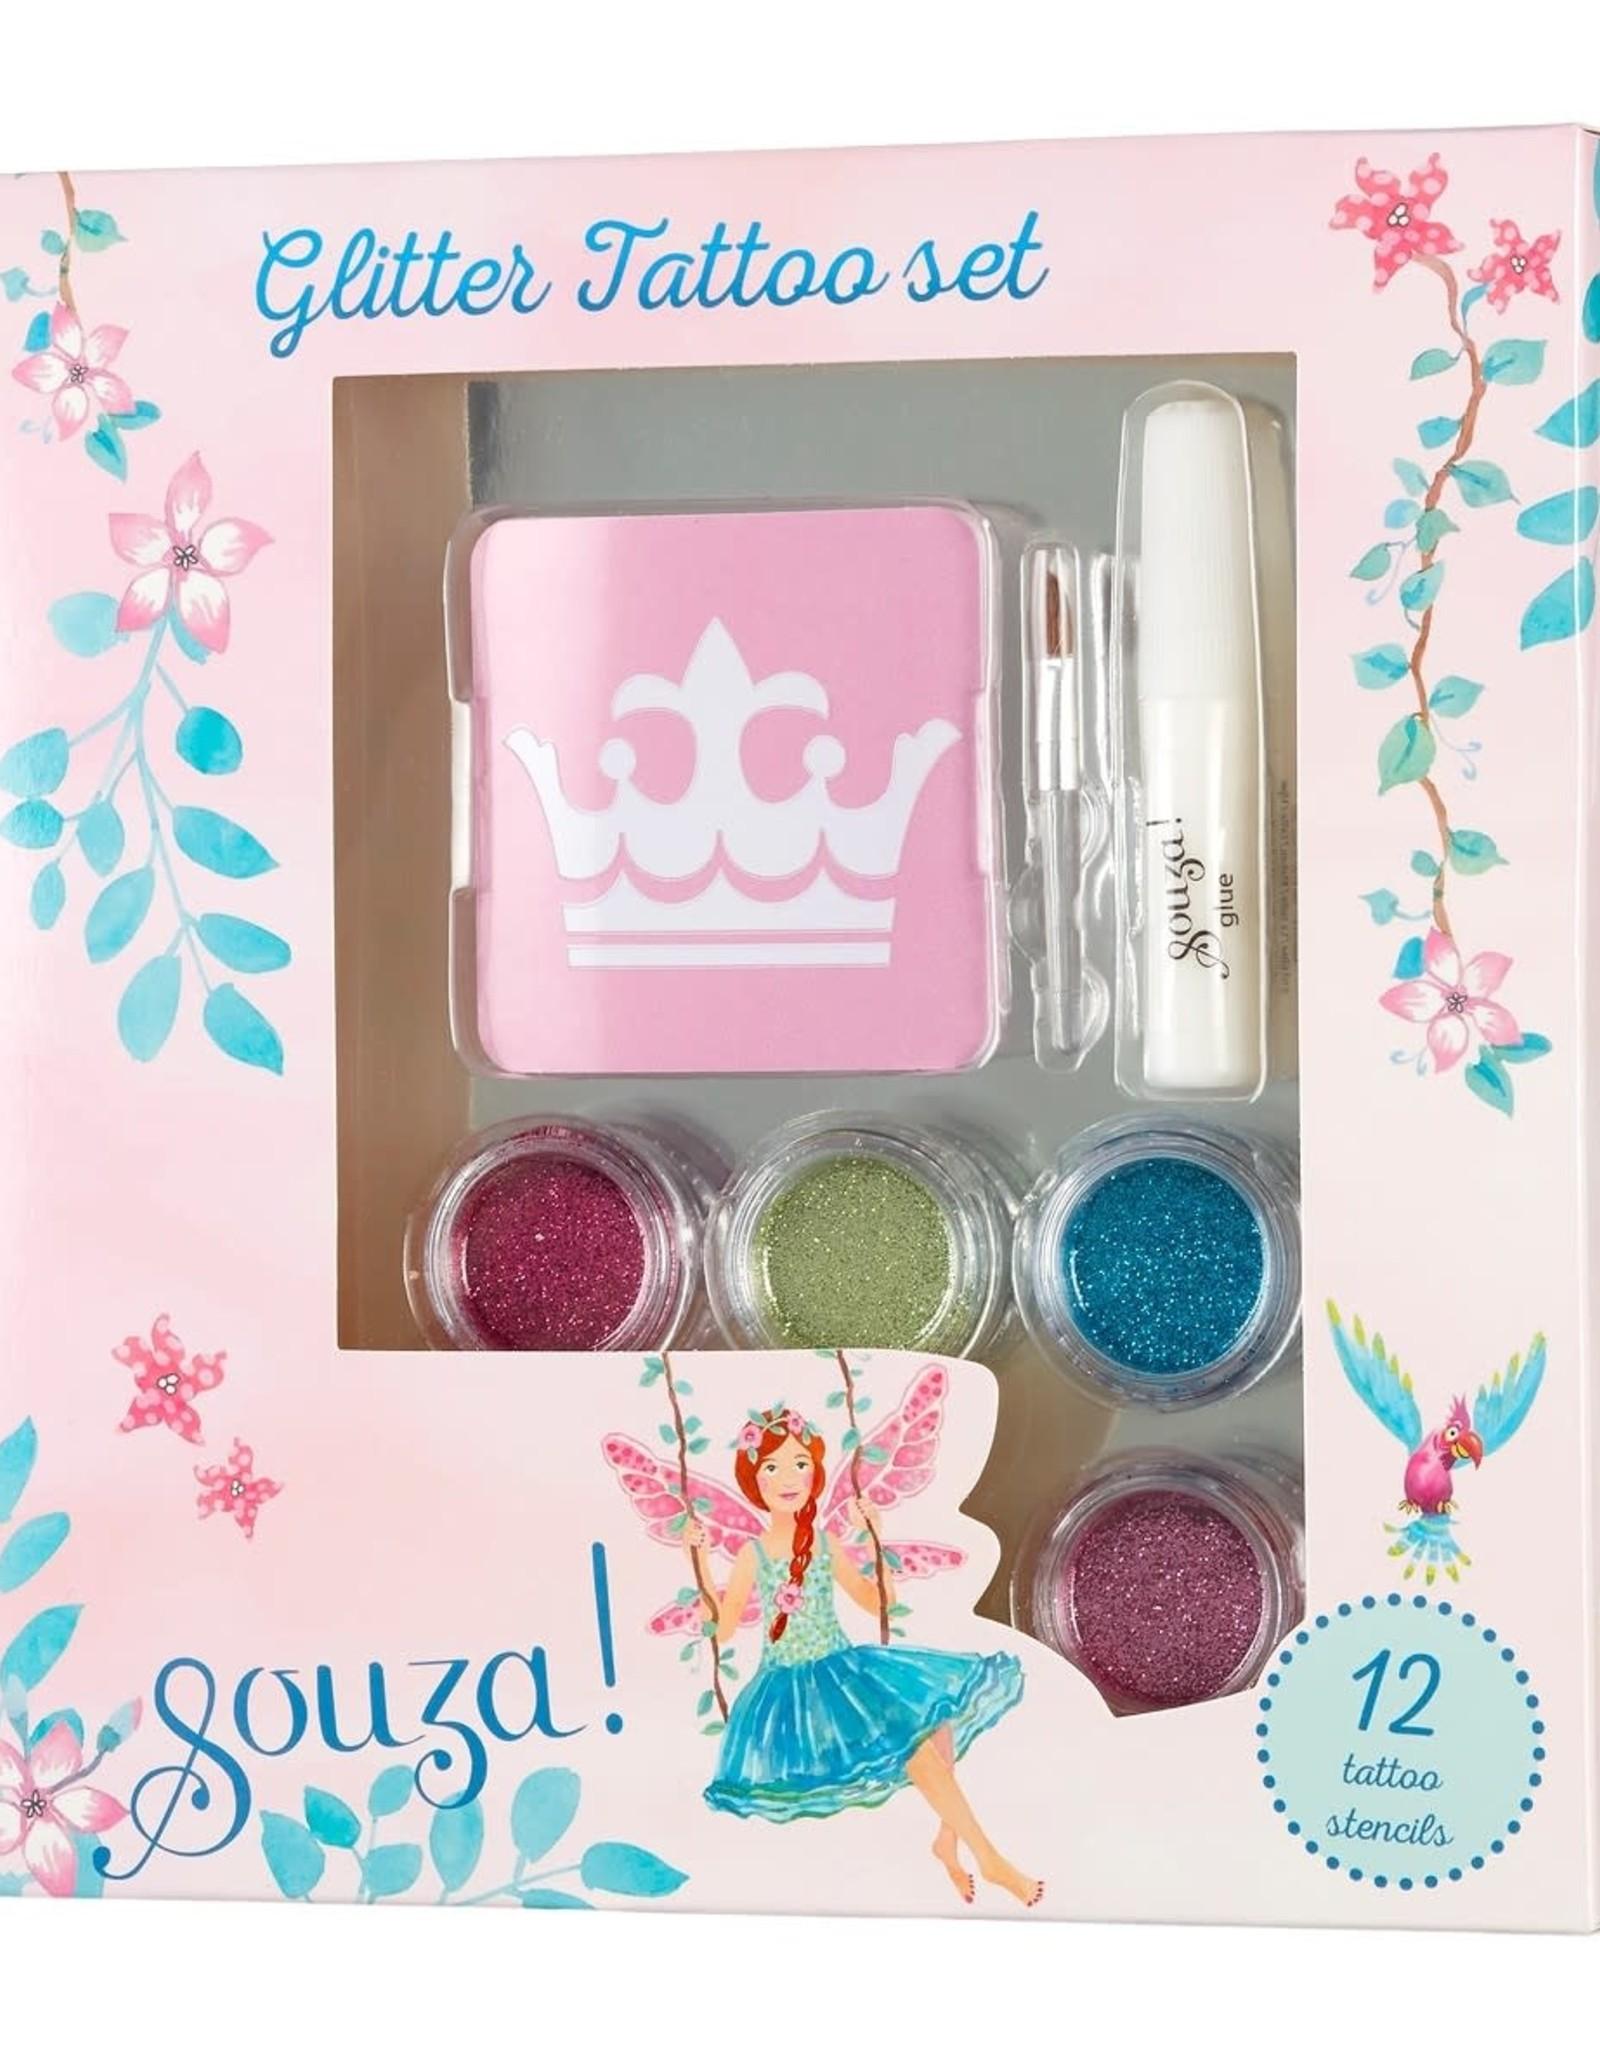 Souza! Glitter Tattoo Set - Souza!